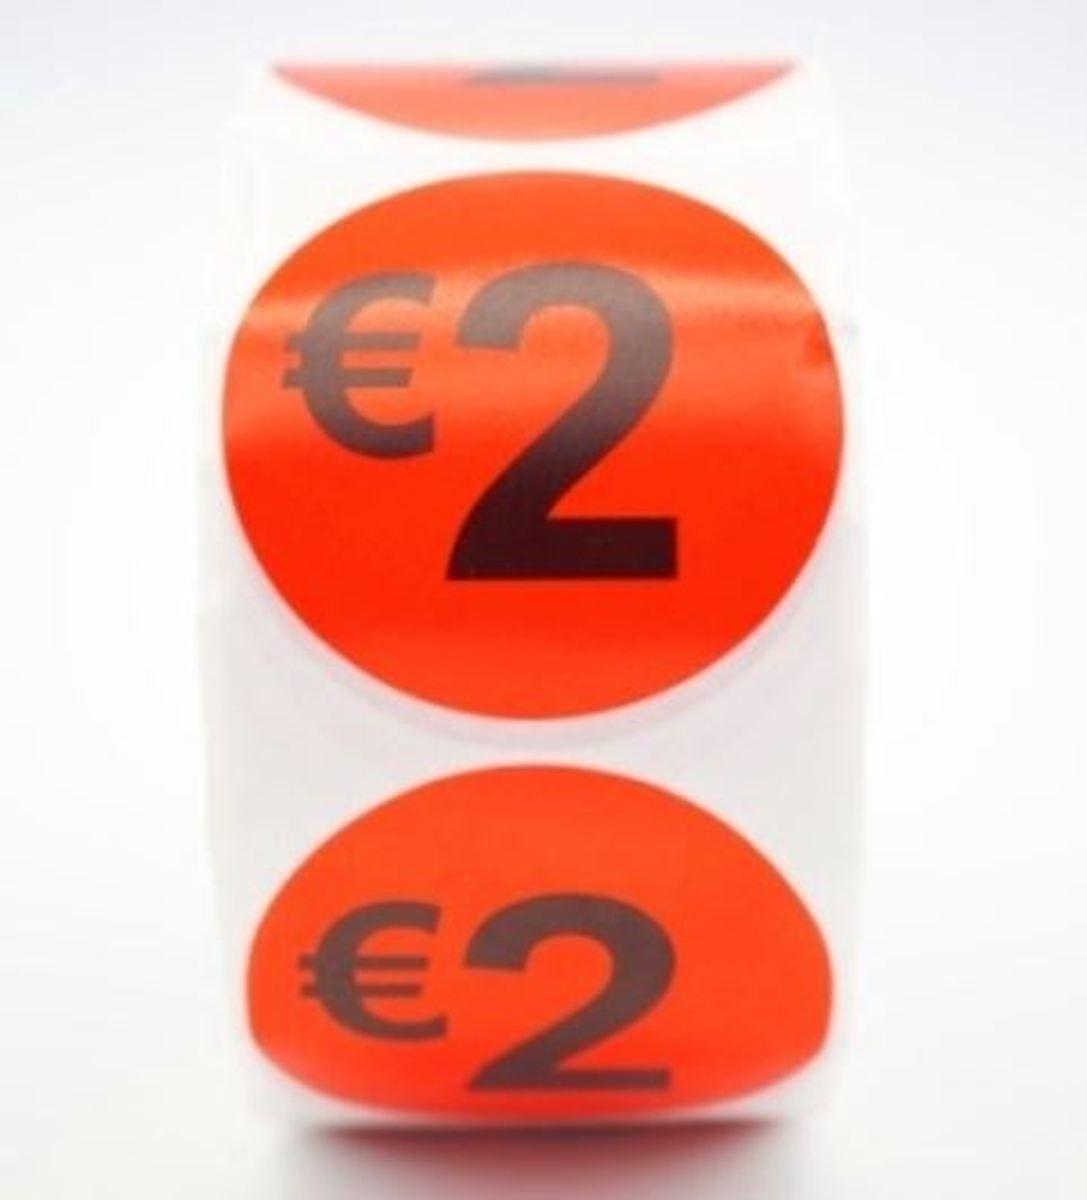 Prijsstickers op rol 500 stuks 2 euro - 2cm kopen